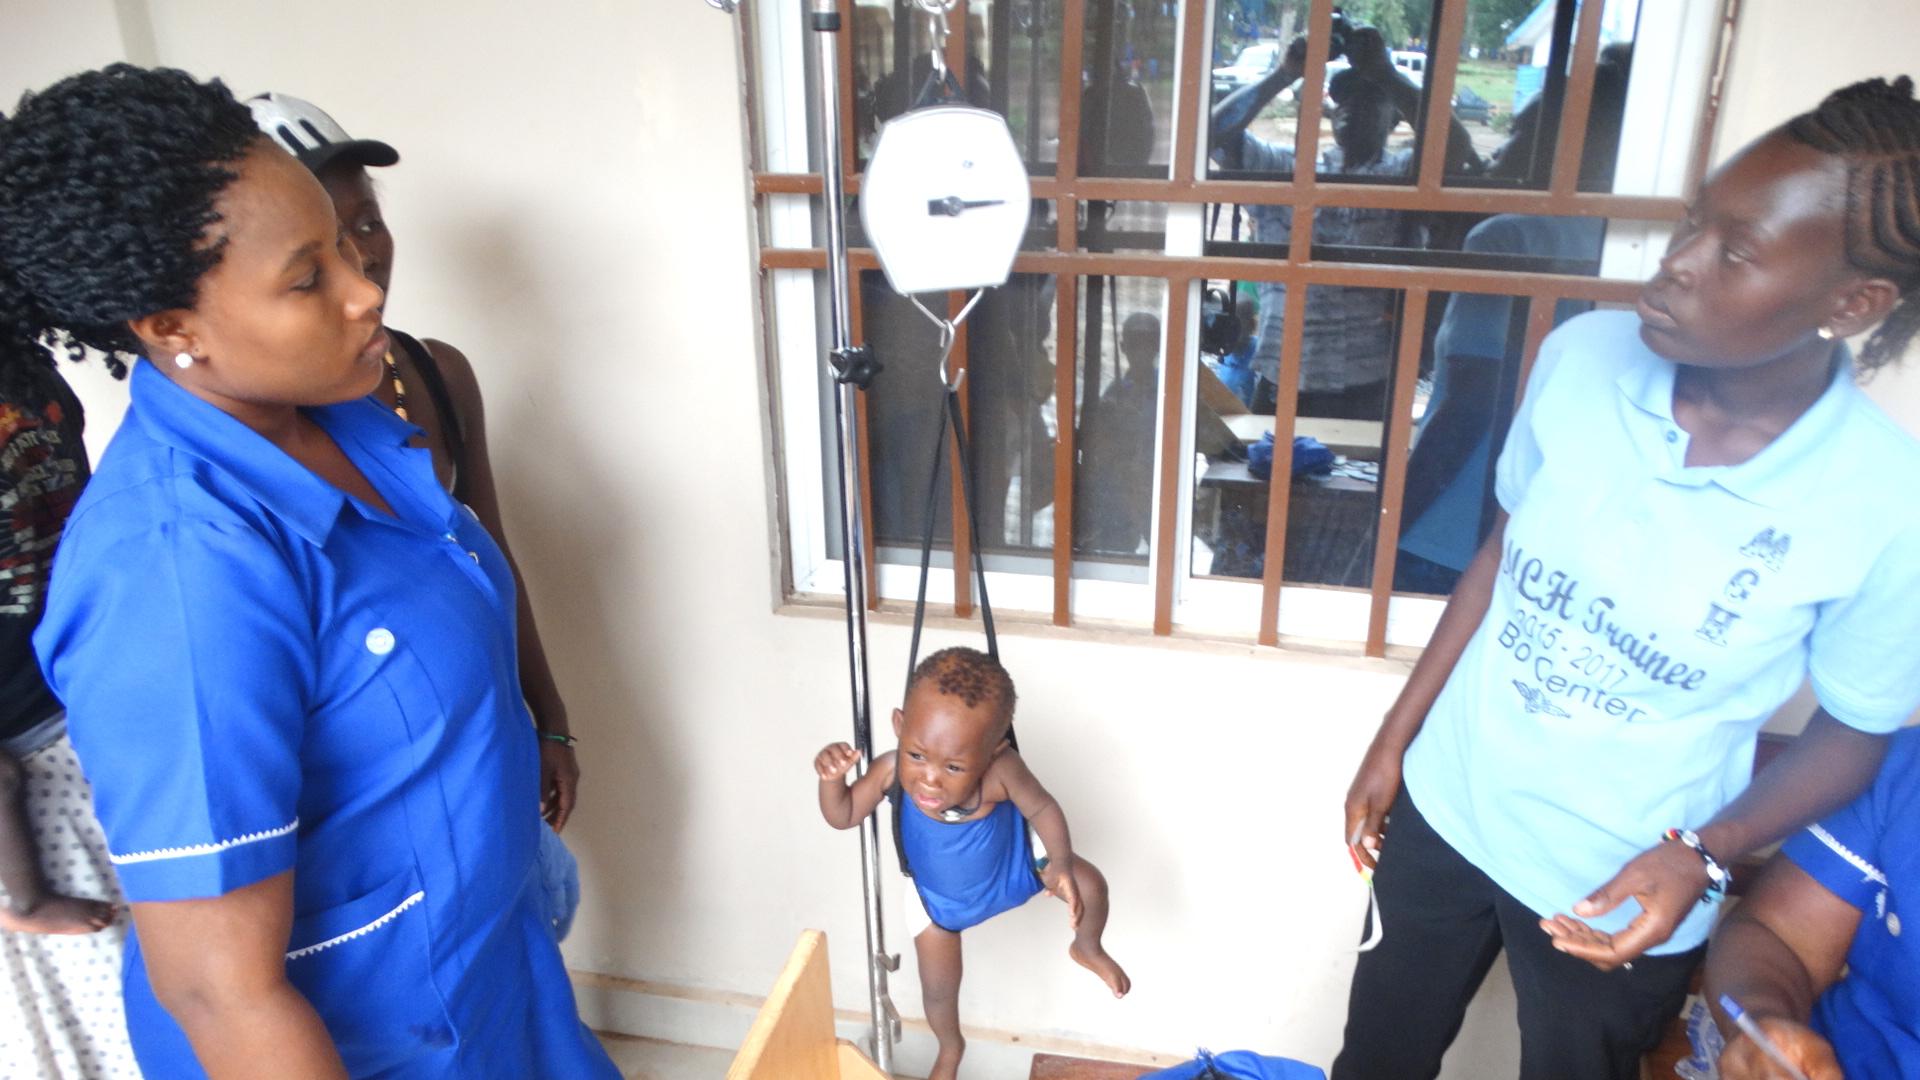 시에라리온의 보우에 있는 연합감리교 자선병원 의료진이 어린아이 몸무게를 재고 있다. Photo by Phileas Jusu, UMNS.